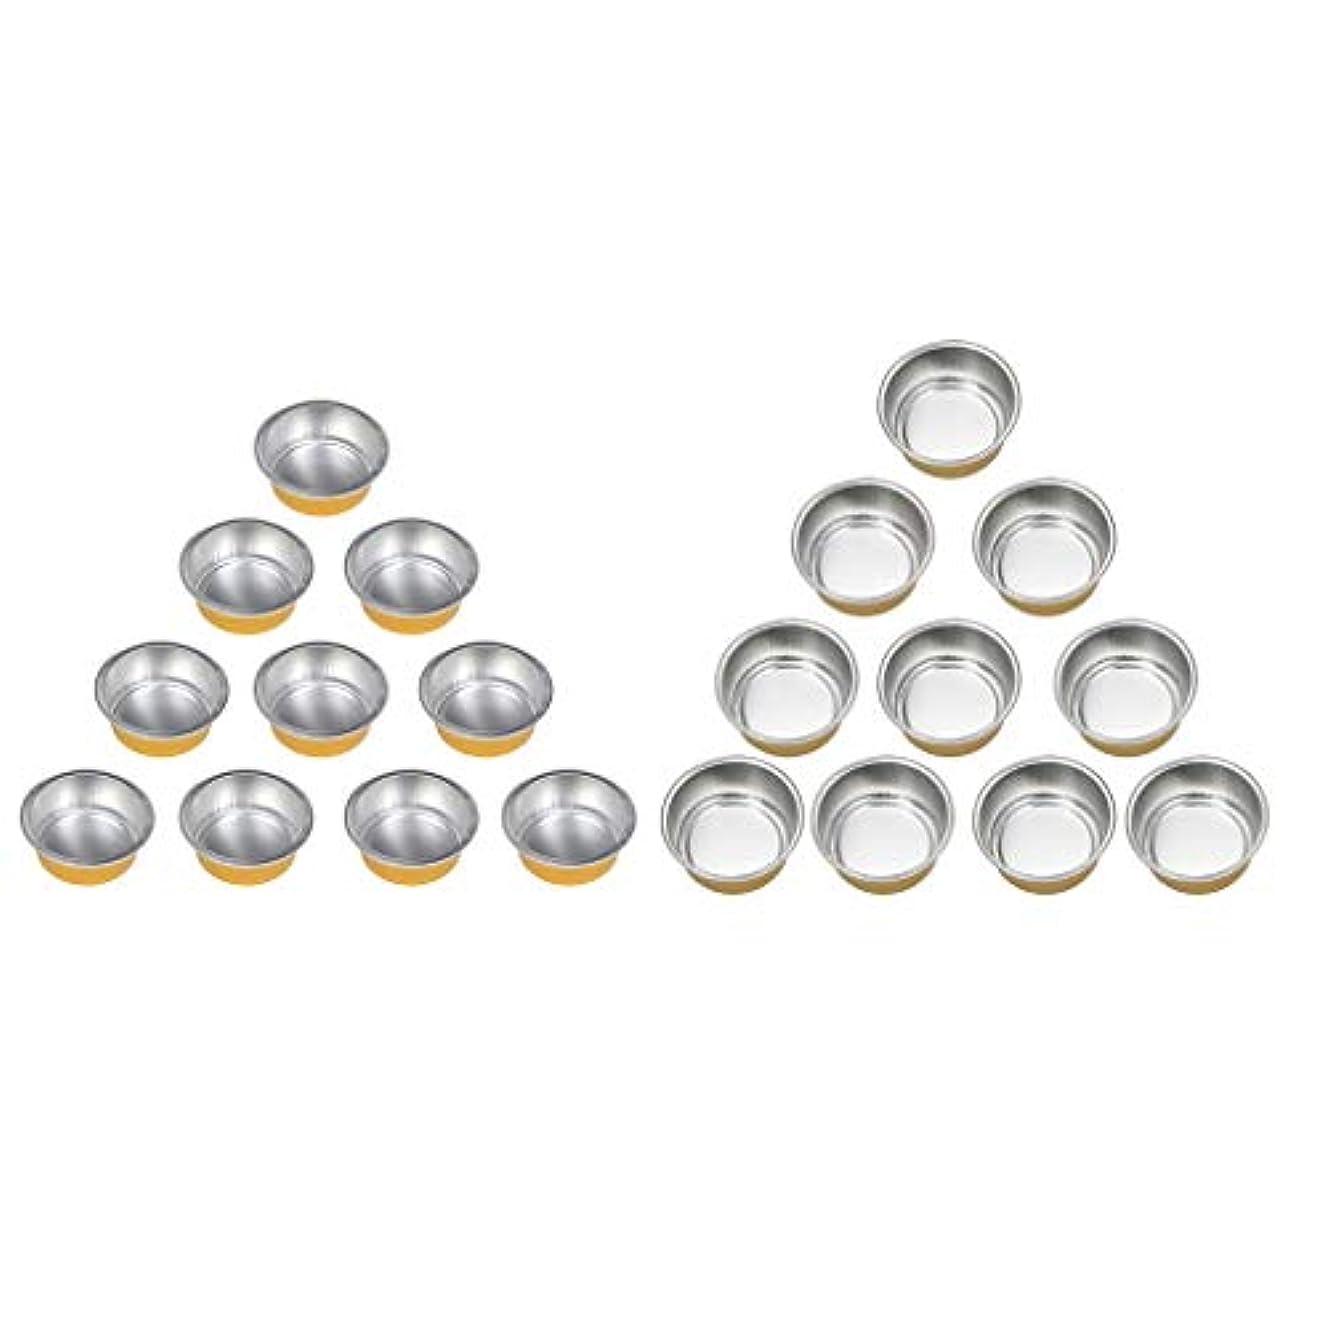 リズムヒステリック独立F Fityle ワックスボウル スモールボウル アルミ箔 溶融フィルム ラウンド 実用的 約20個入